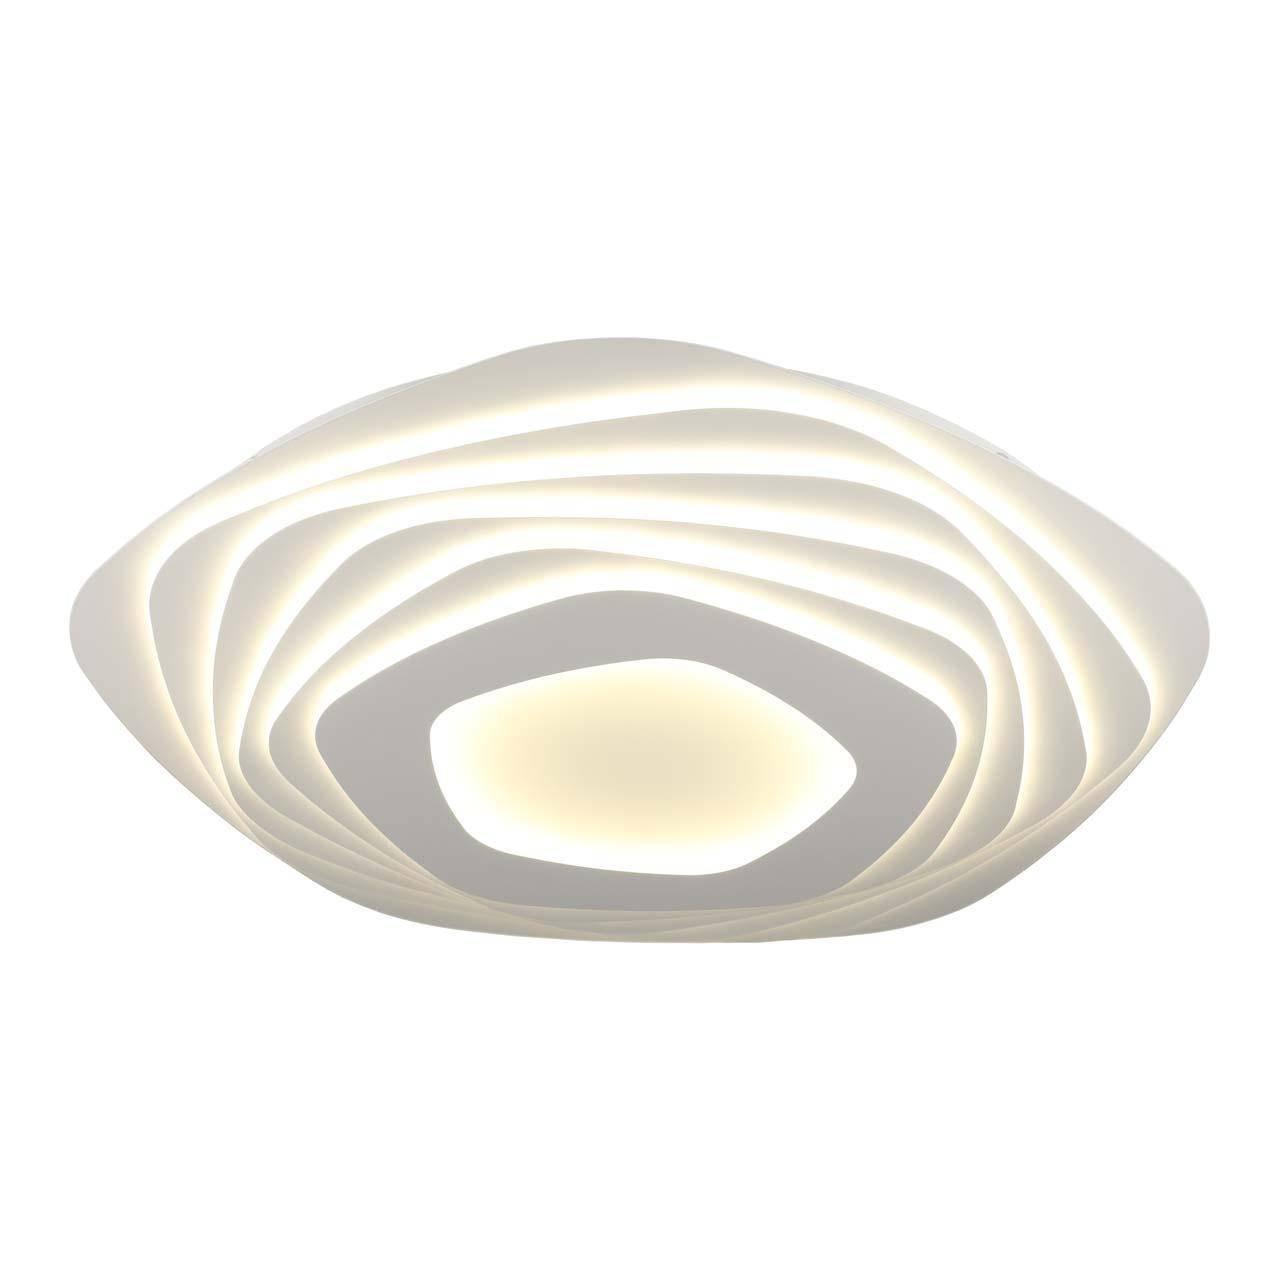 Потолочная светодиодная люстра Omnilux Avola OML-07707-380